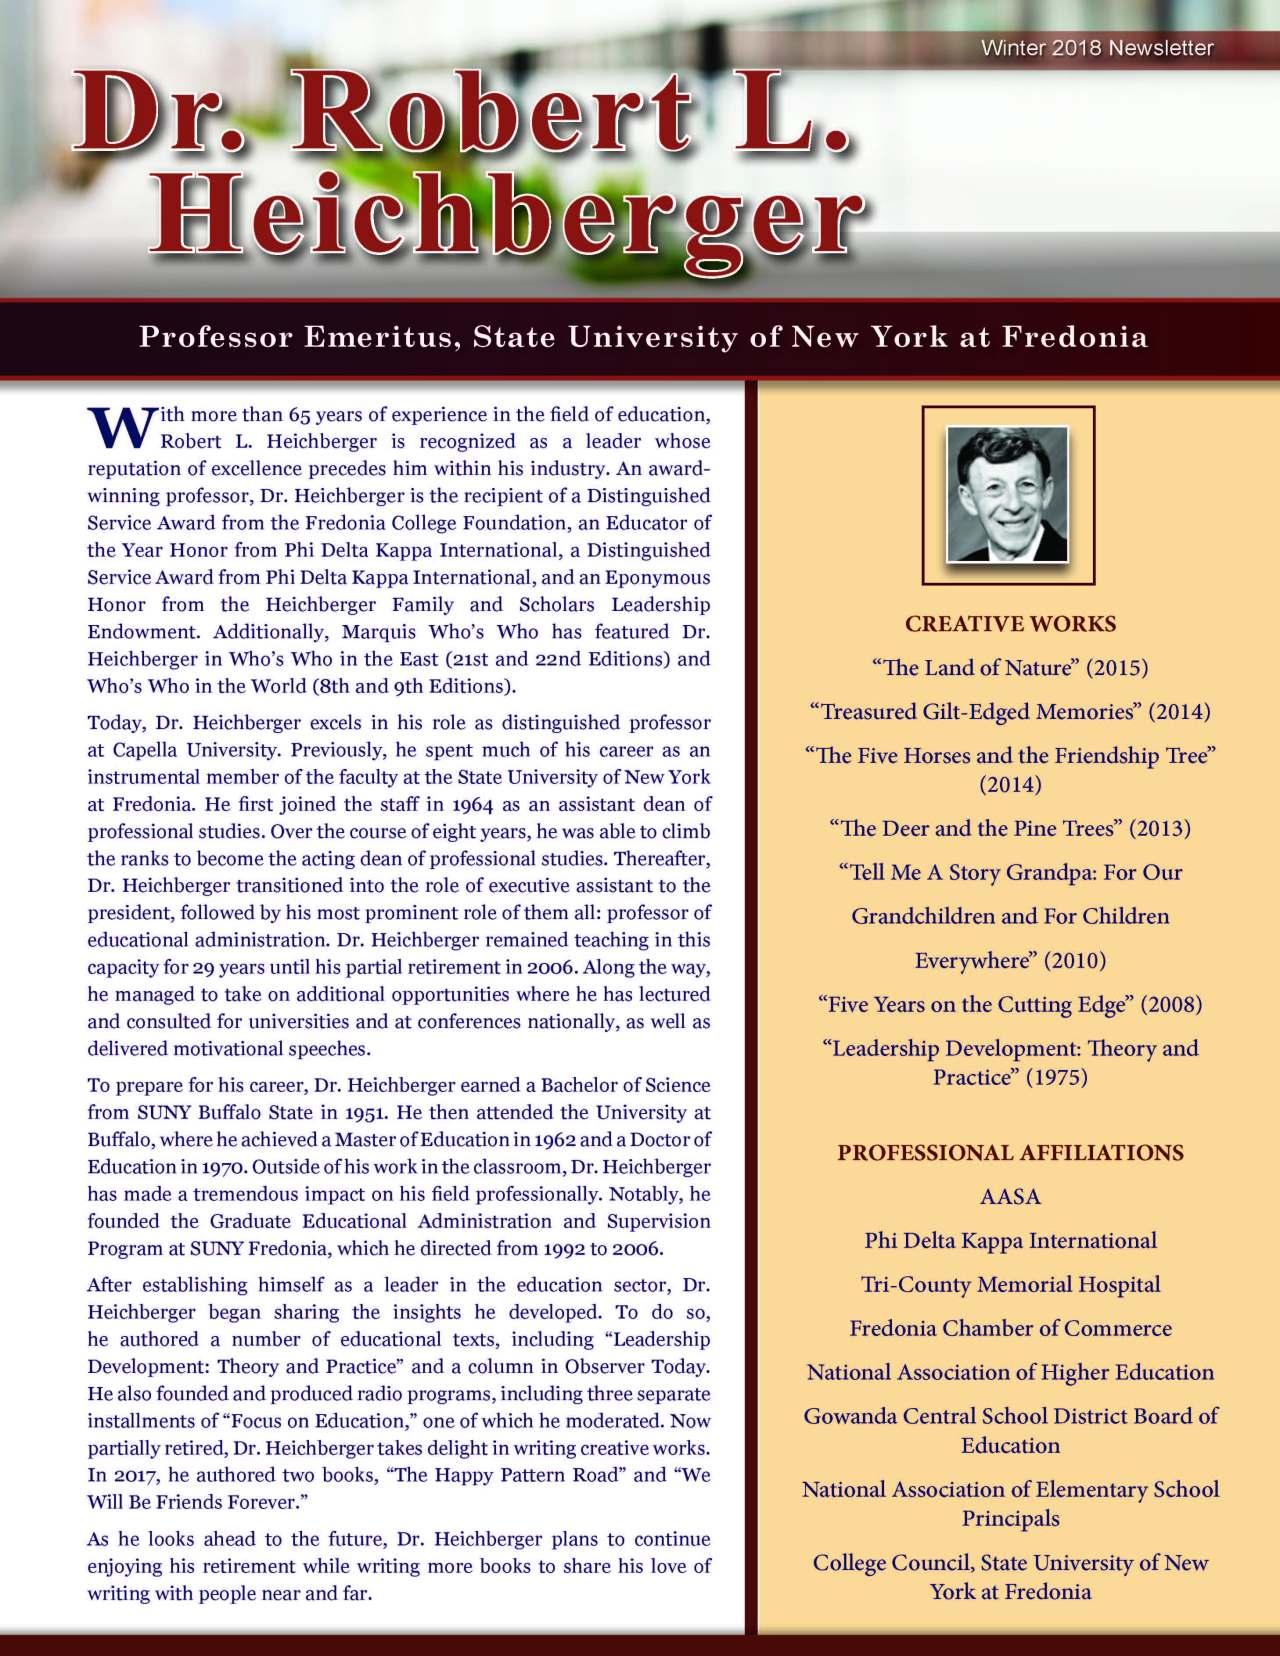 Heichberger, Robert 3697206_2991108 Newsletter.jpg